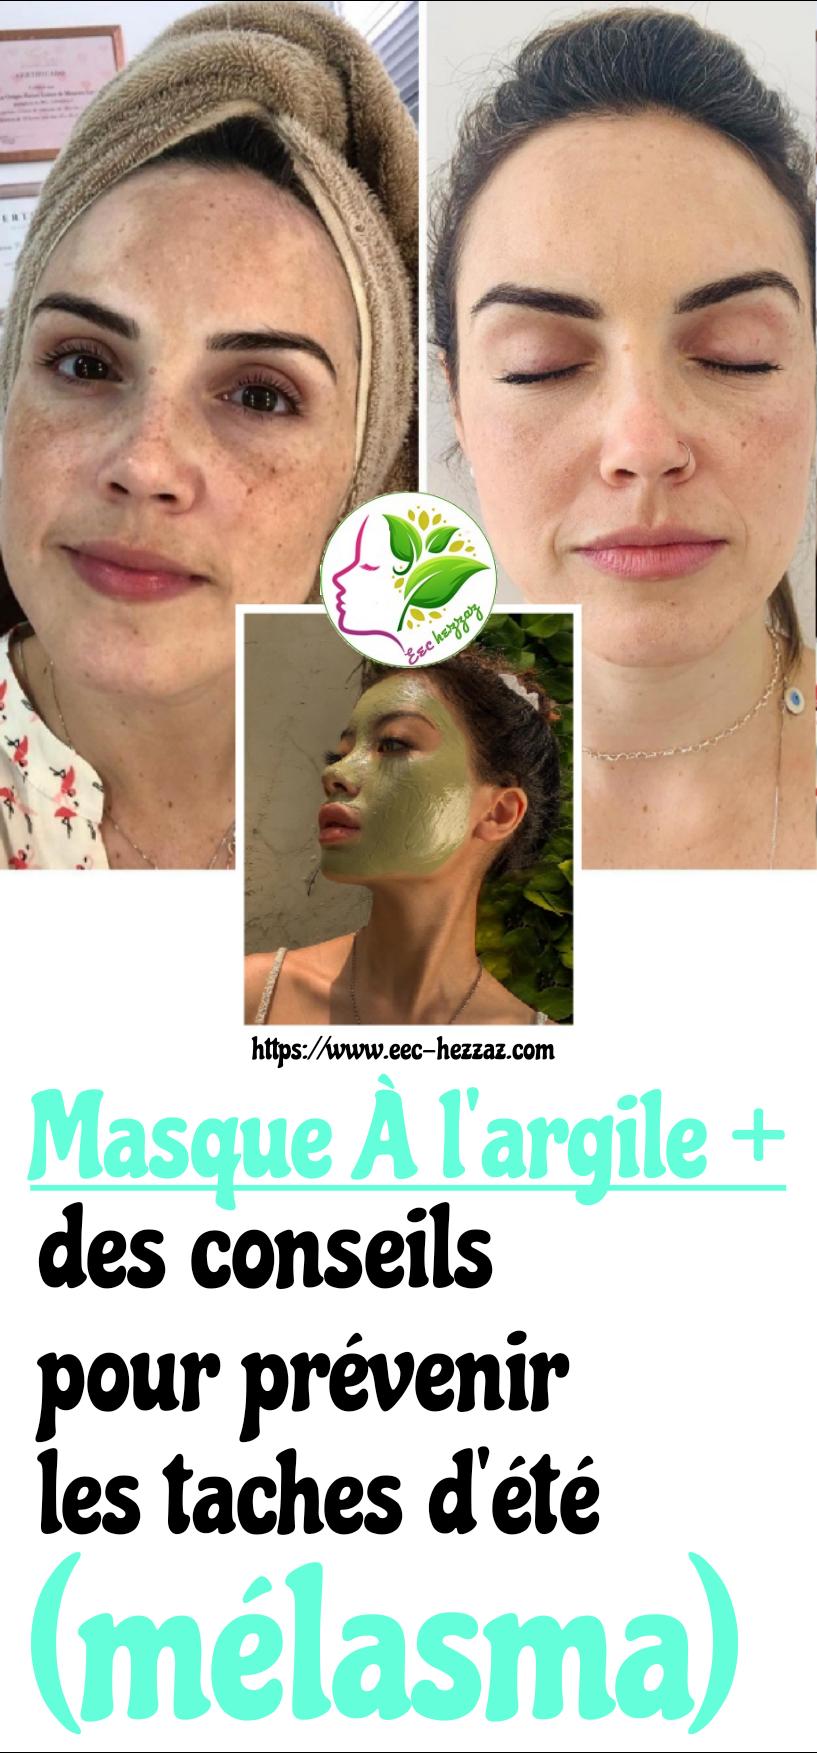 Masque à l'argile + des conseils pour prévenir les taches d'été (mélasma)